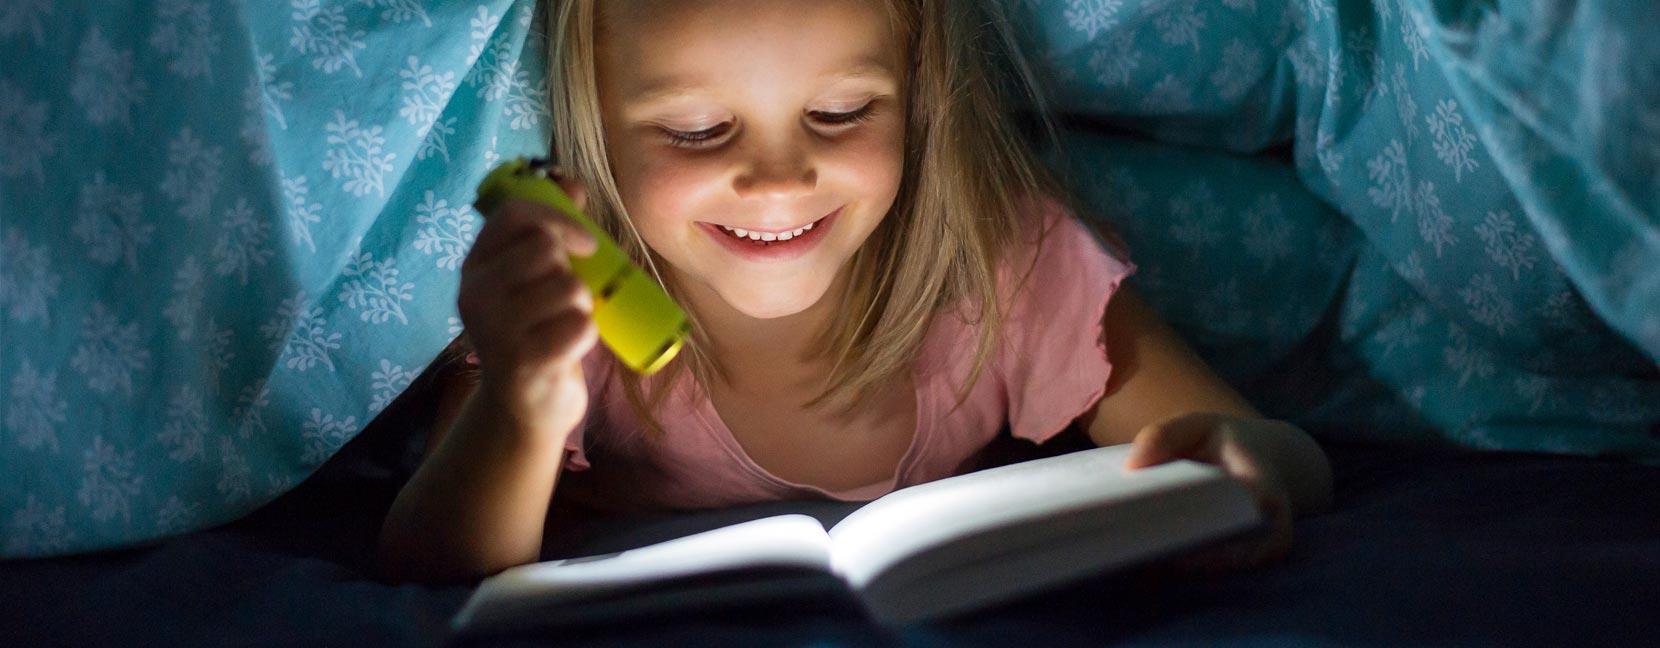 Bambina legge un libro di notte sotto la coperta con una torcia